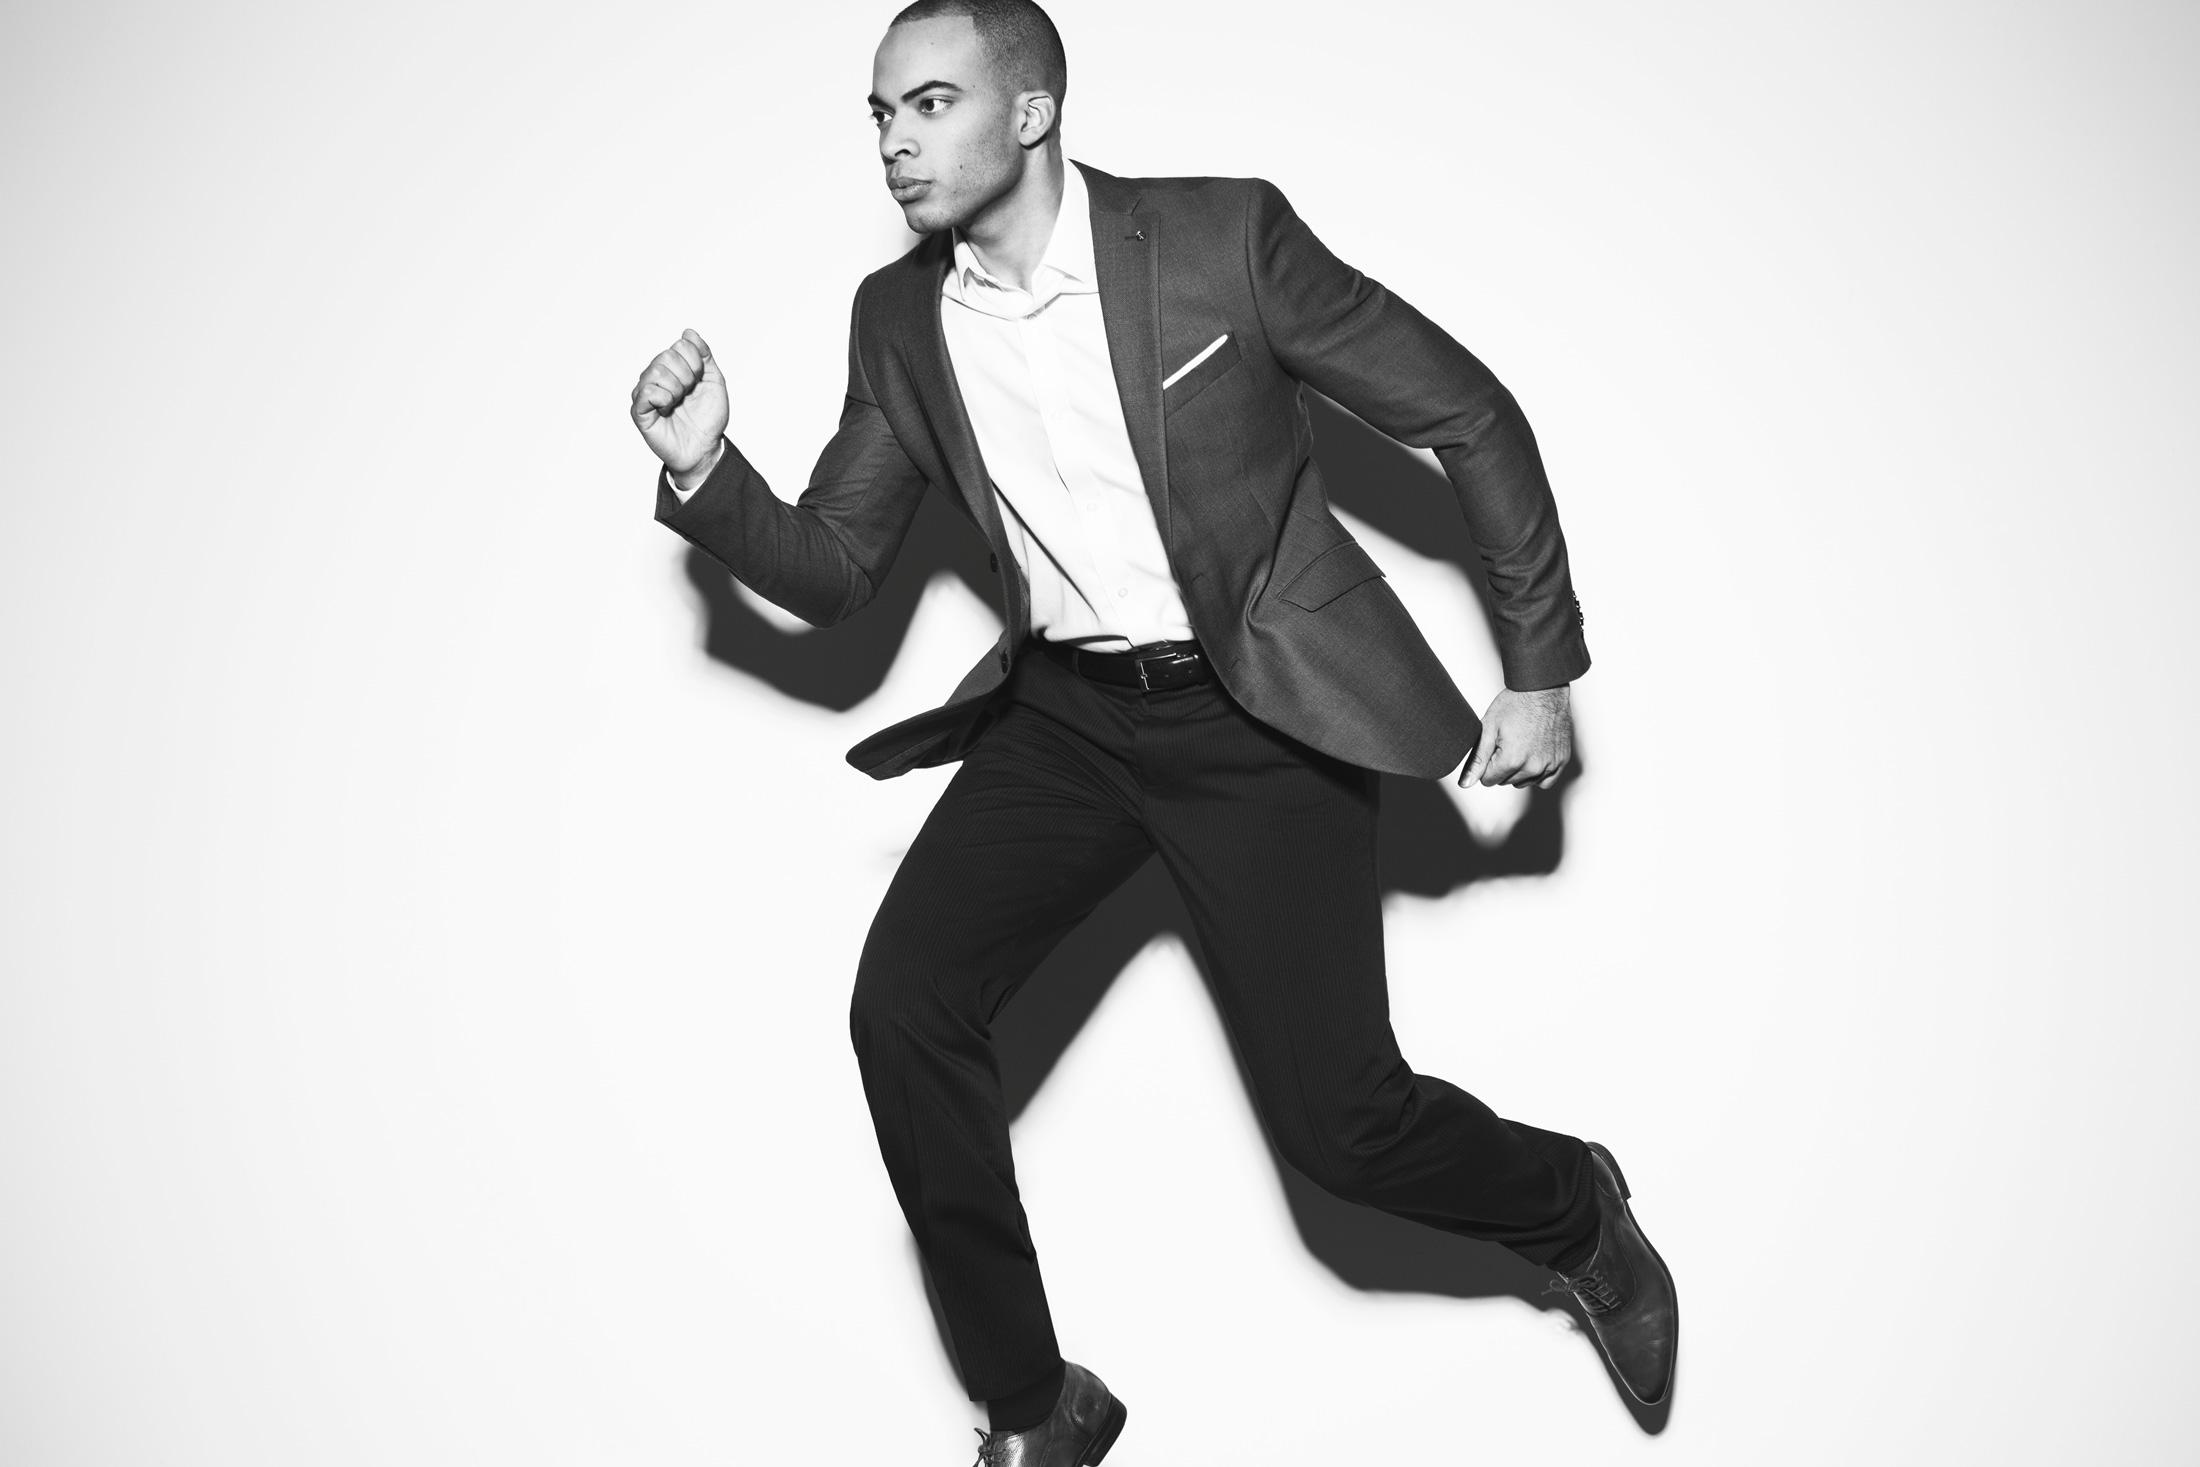 portrait homme en complet qui saute